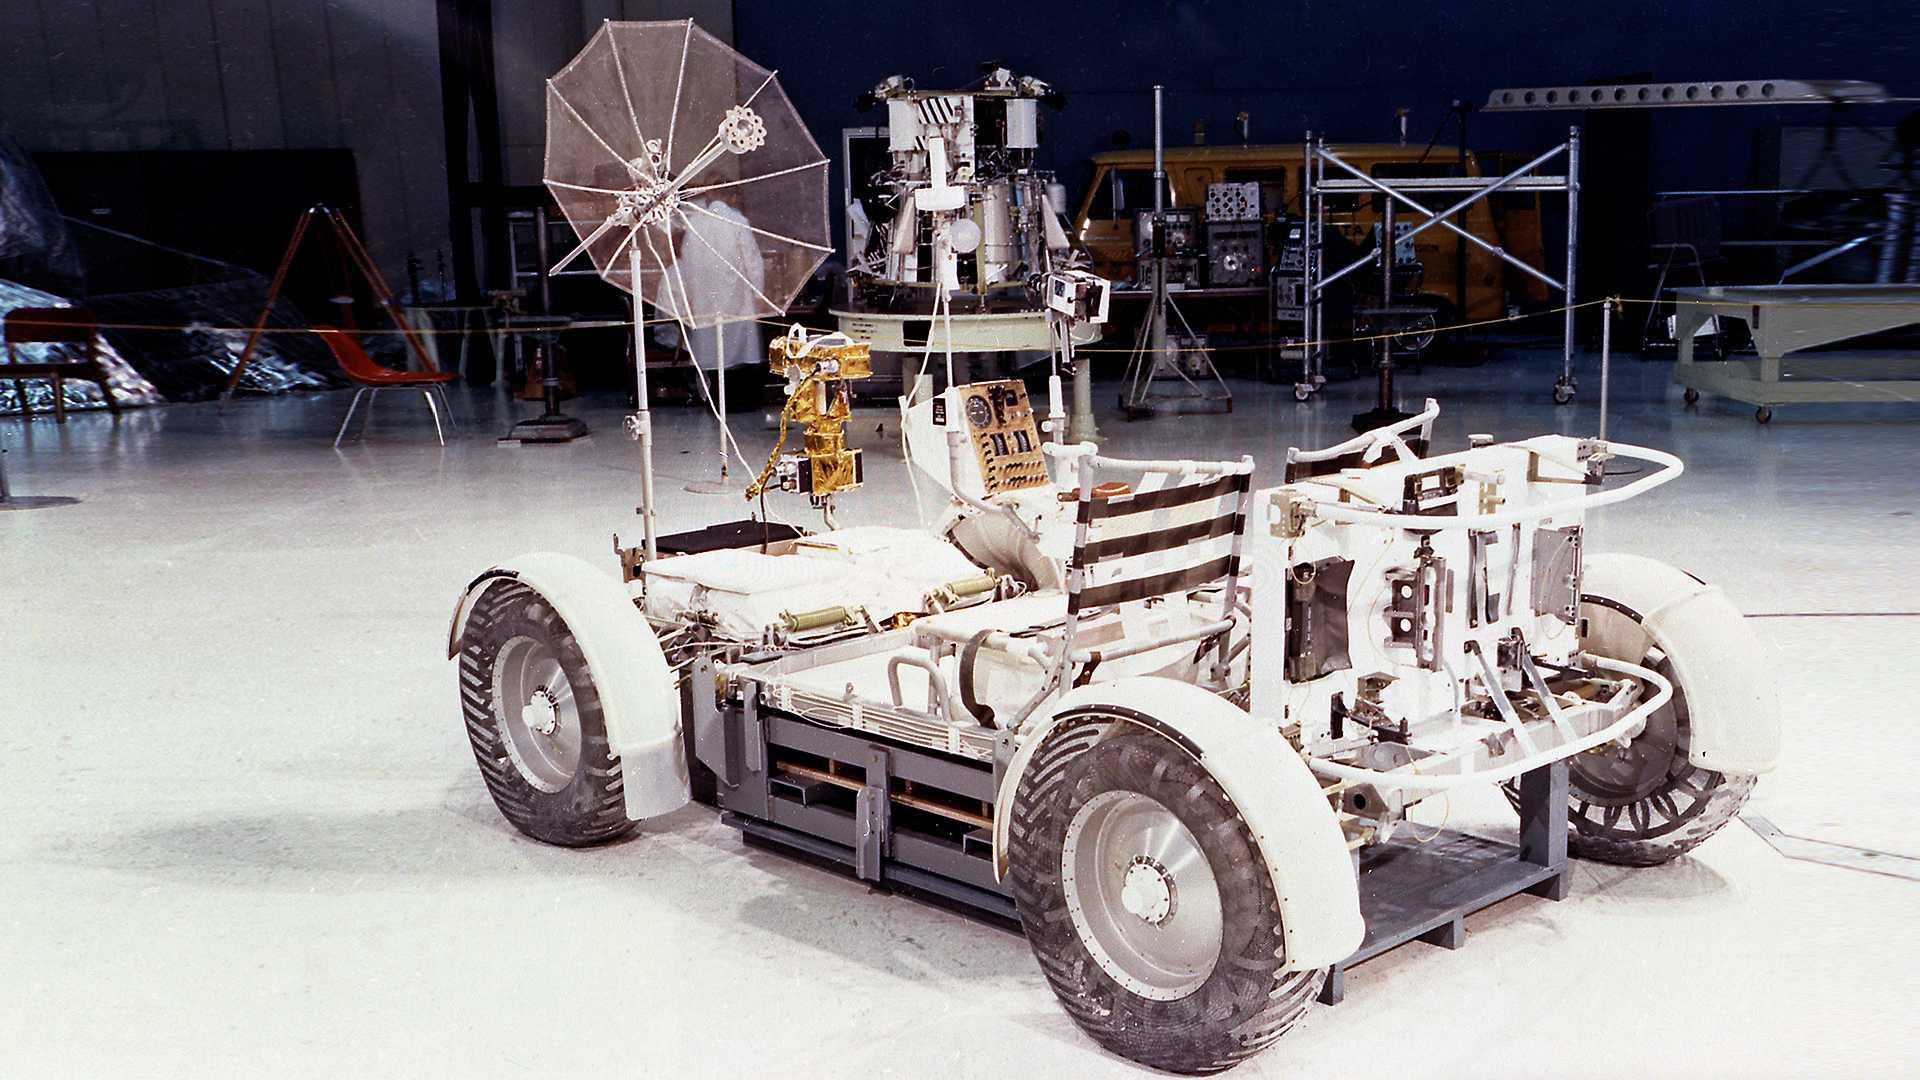 Каким был самый первый автомобиль в космосе